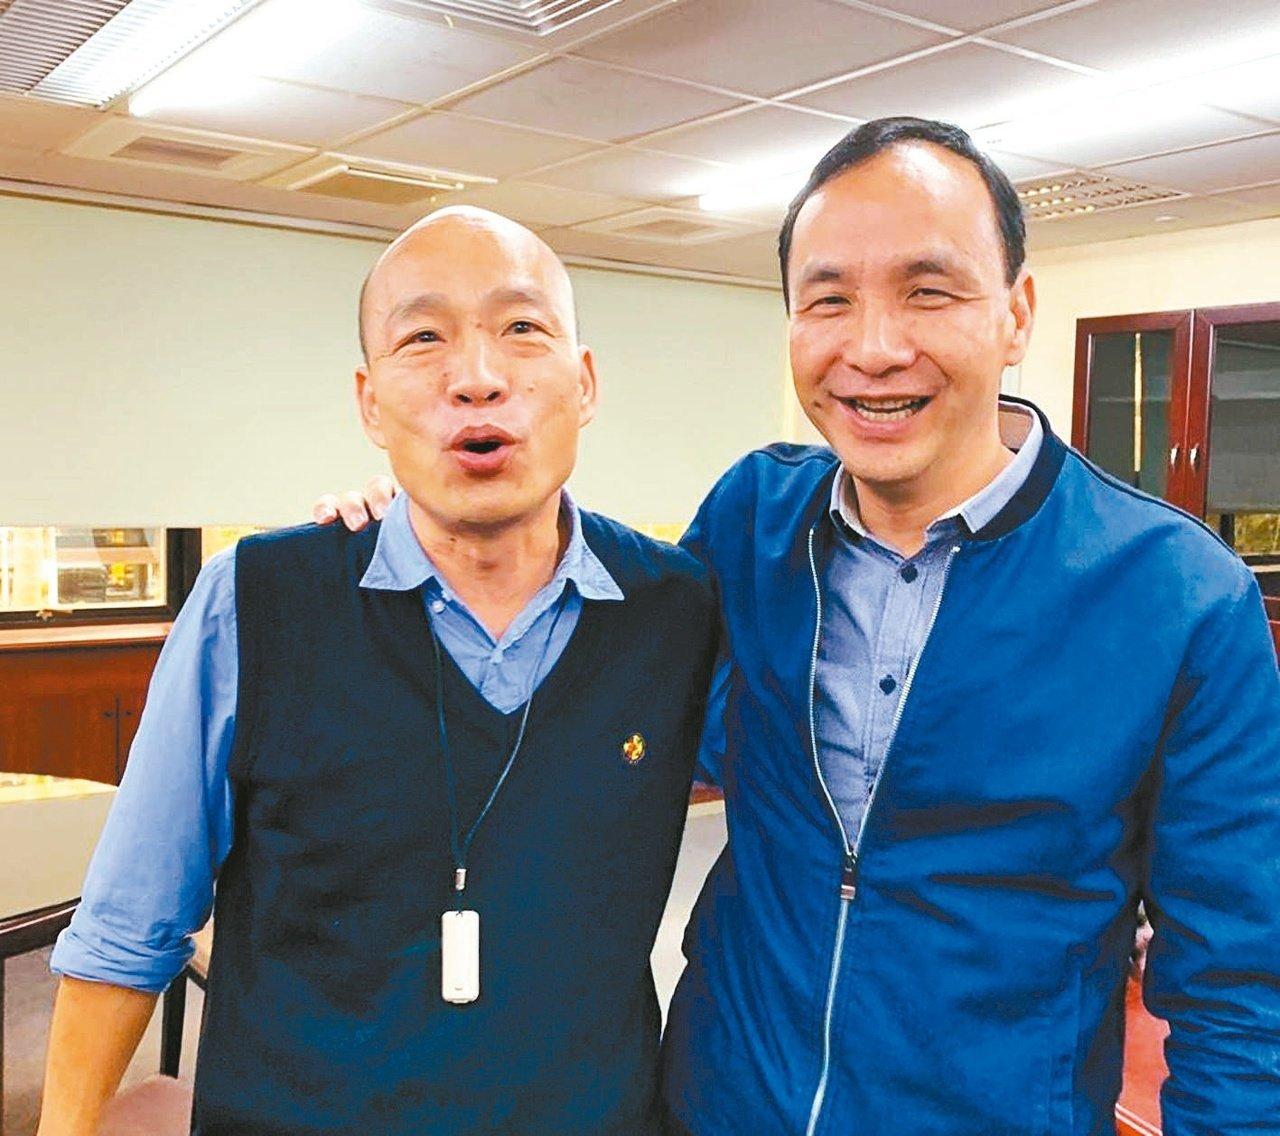 國民黨總統參選人韓國瑜(左)與新北市前市長朱立倫(右)。圖/本報資料照片